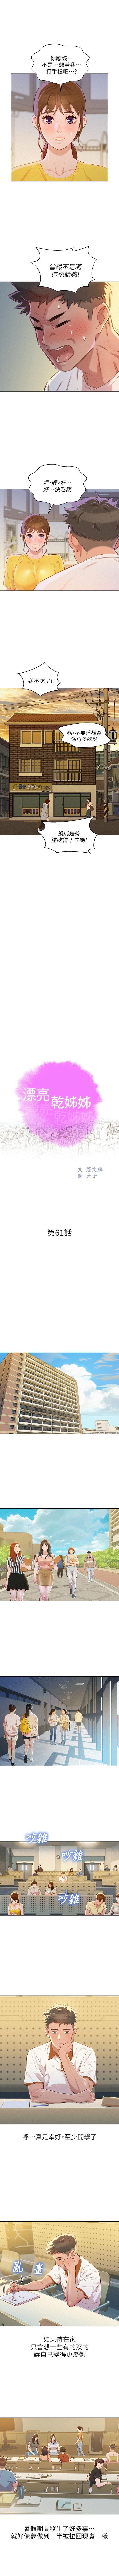 (周7)漂亮干姐姐  1-79 中文翻译 (更新中) 319